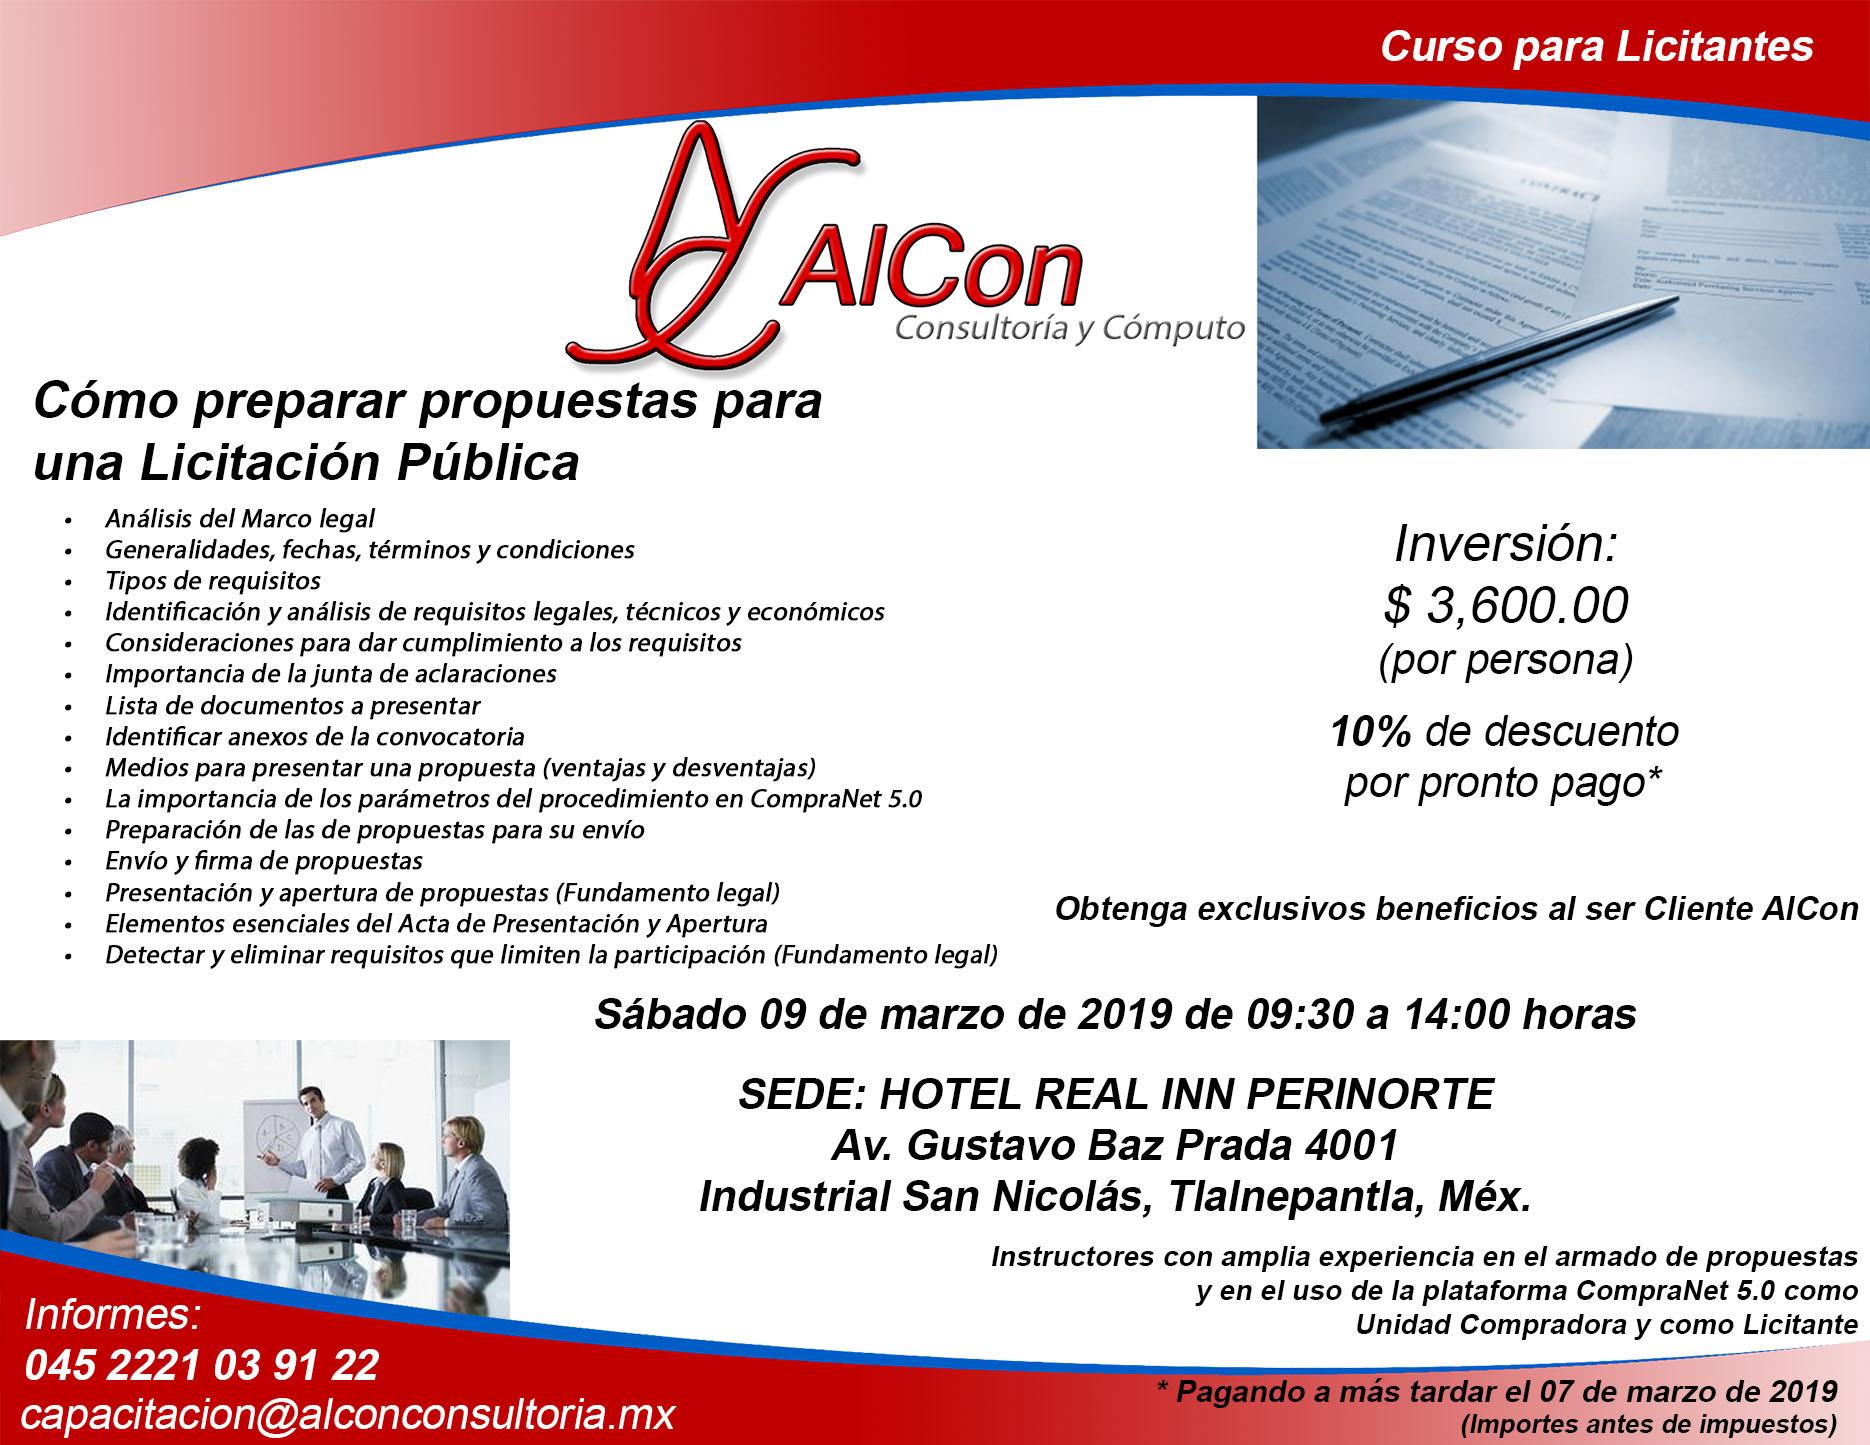 Curso Propuestas para una licitación Pública estado de México, Arcadio Alonso Sánchez